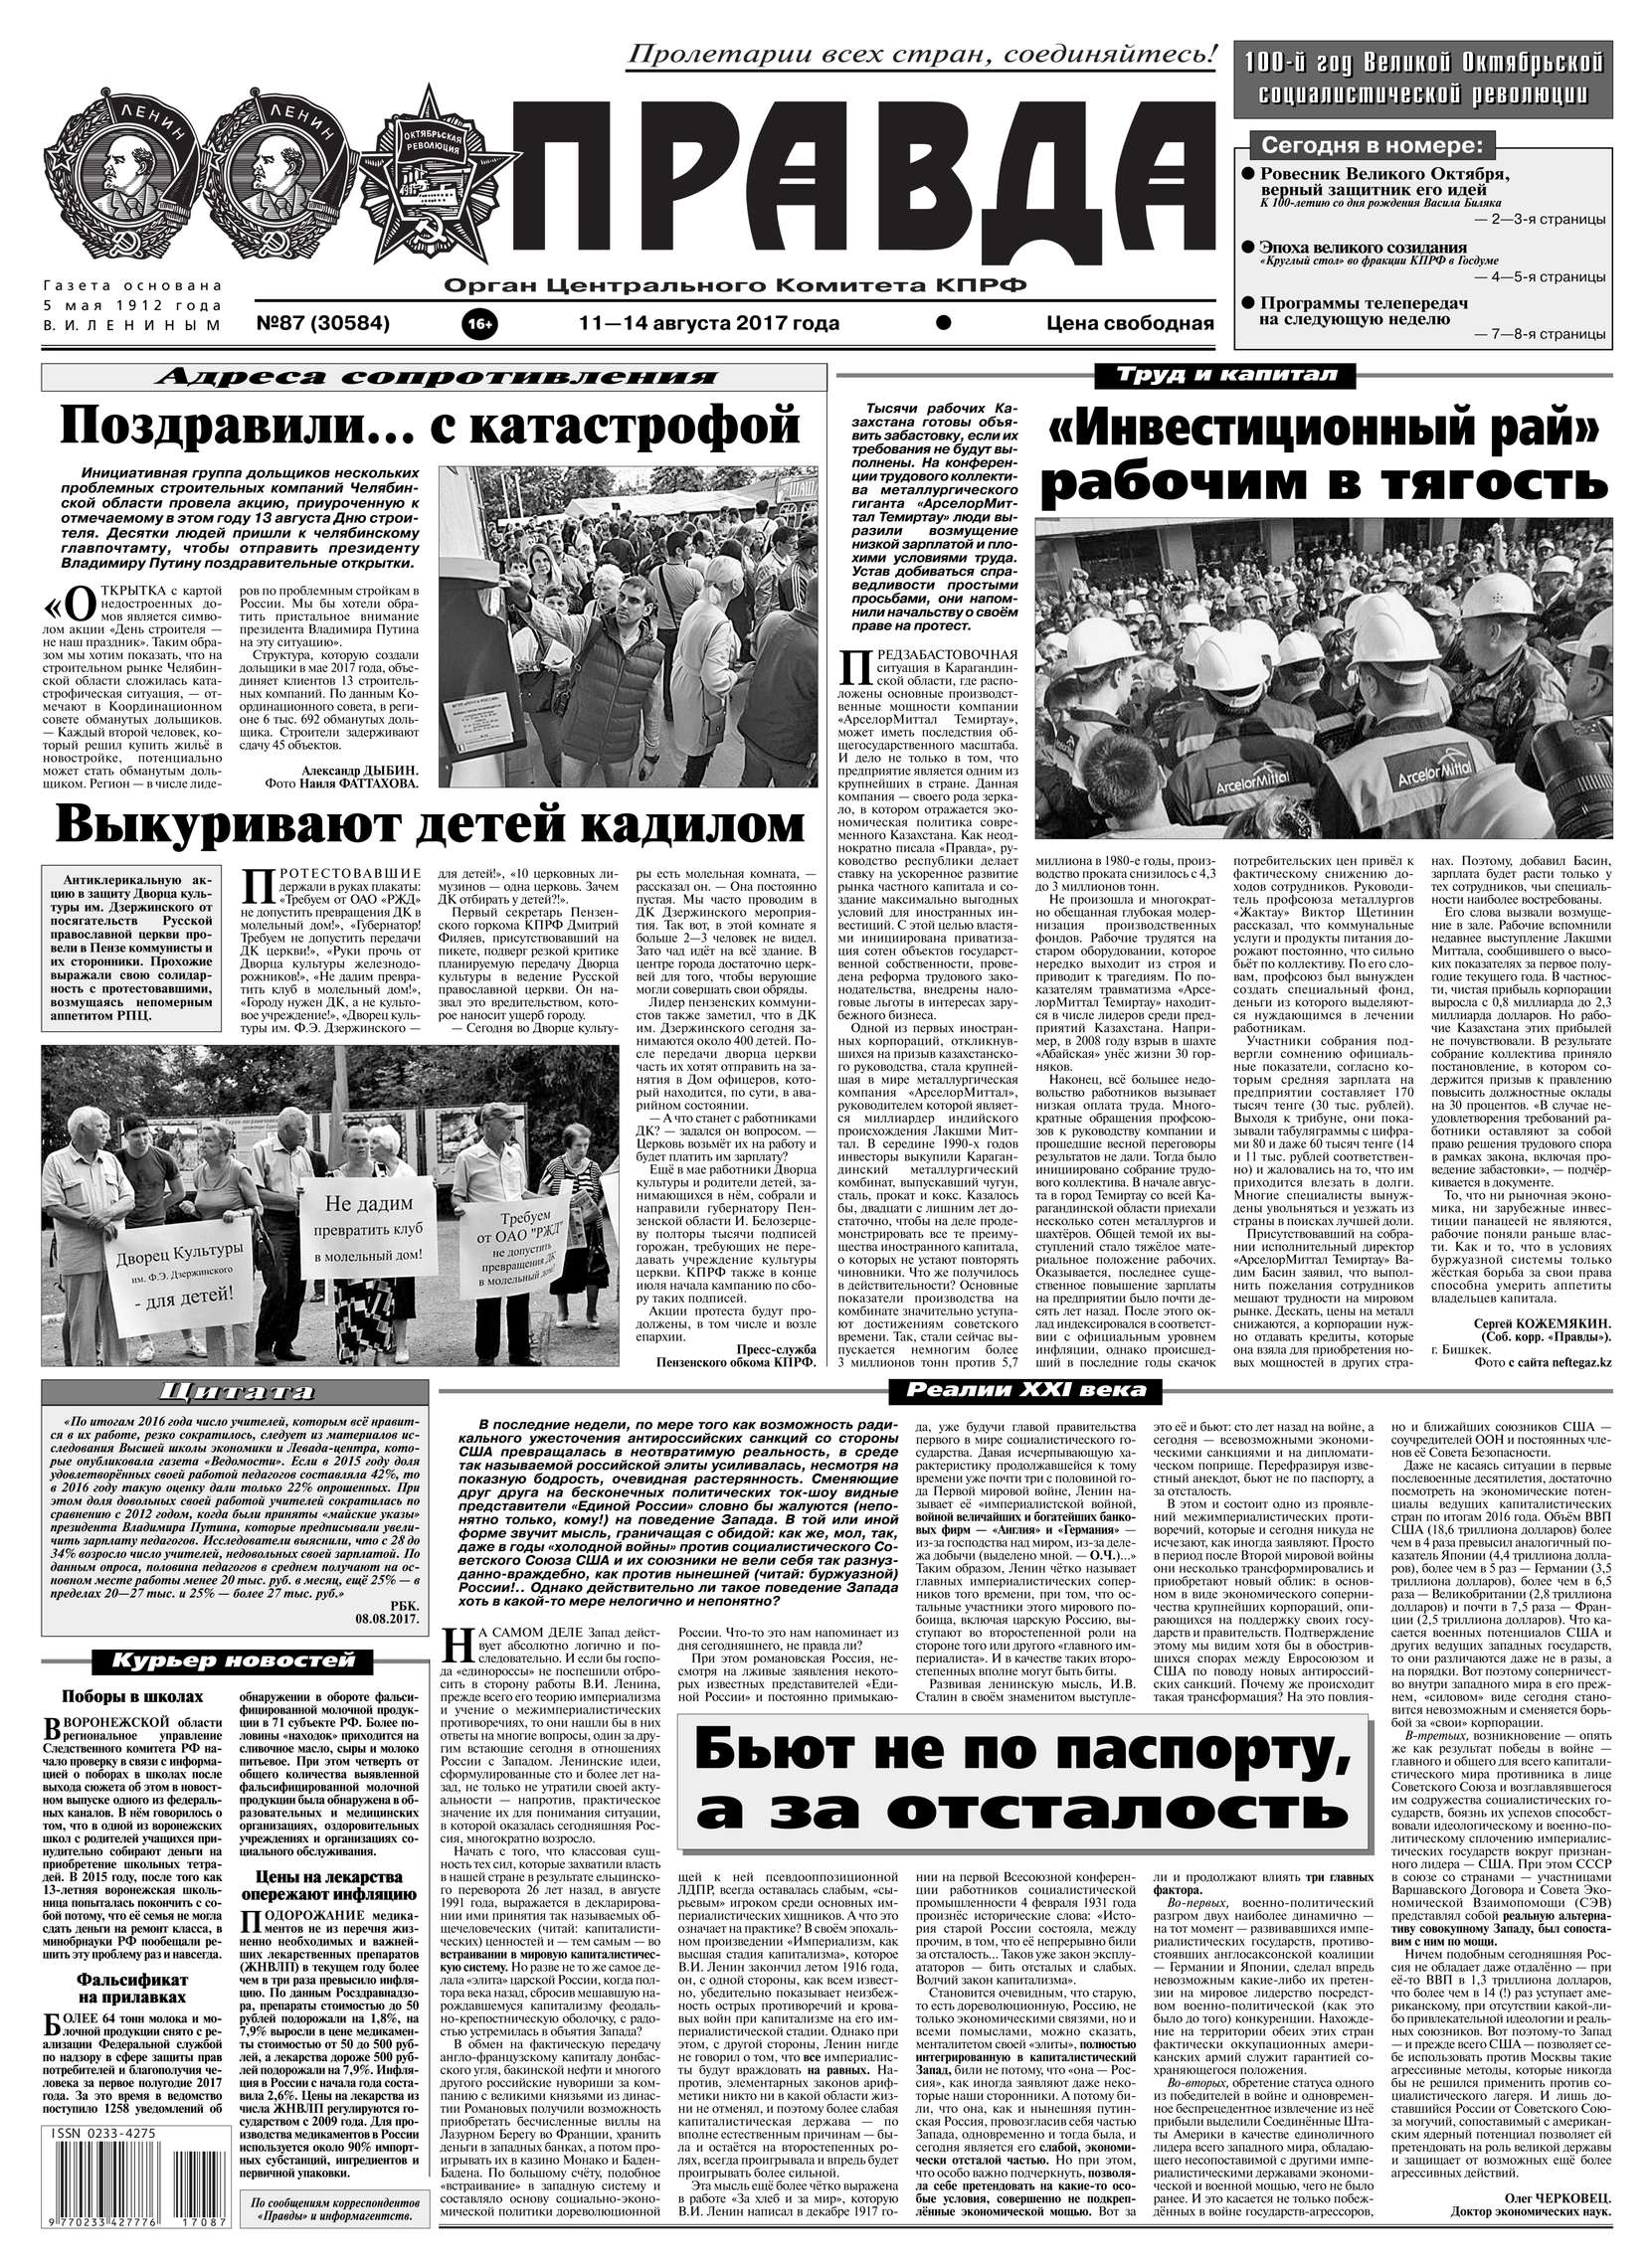 Редакция газеты Правда Правда 87-2017 редакция газеты новая газета новая газета 95 2017